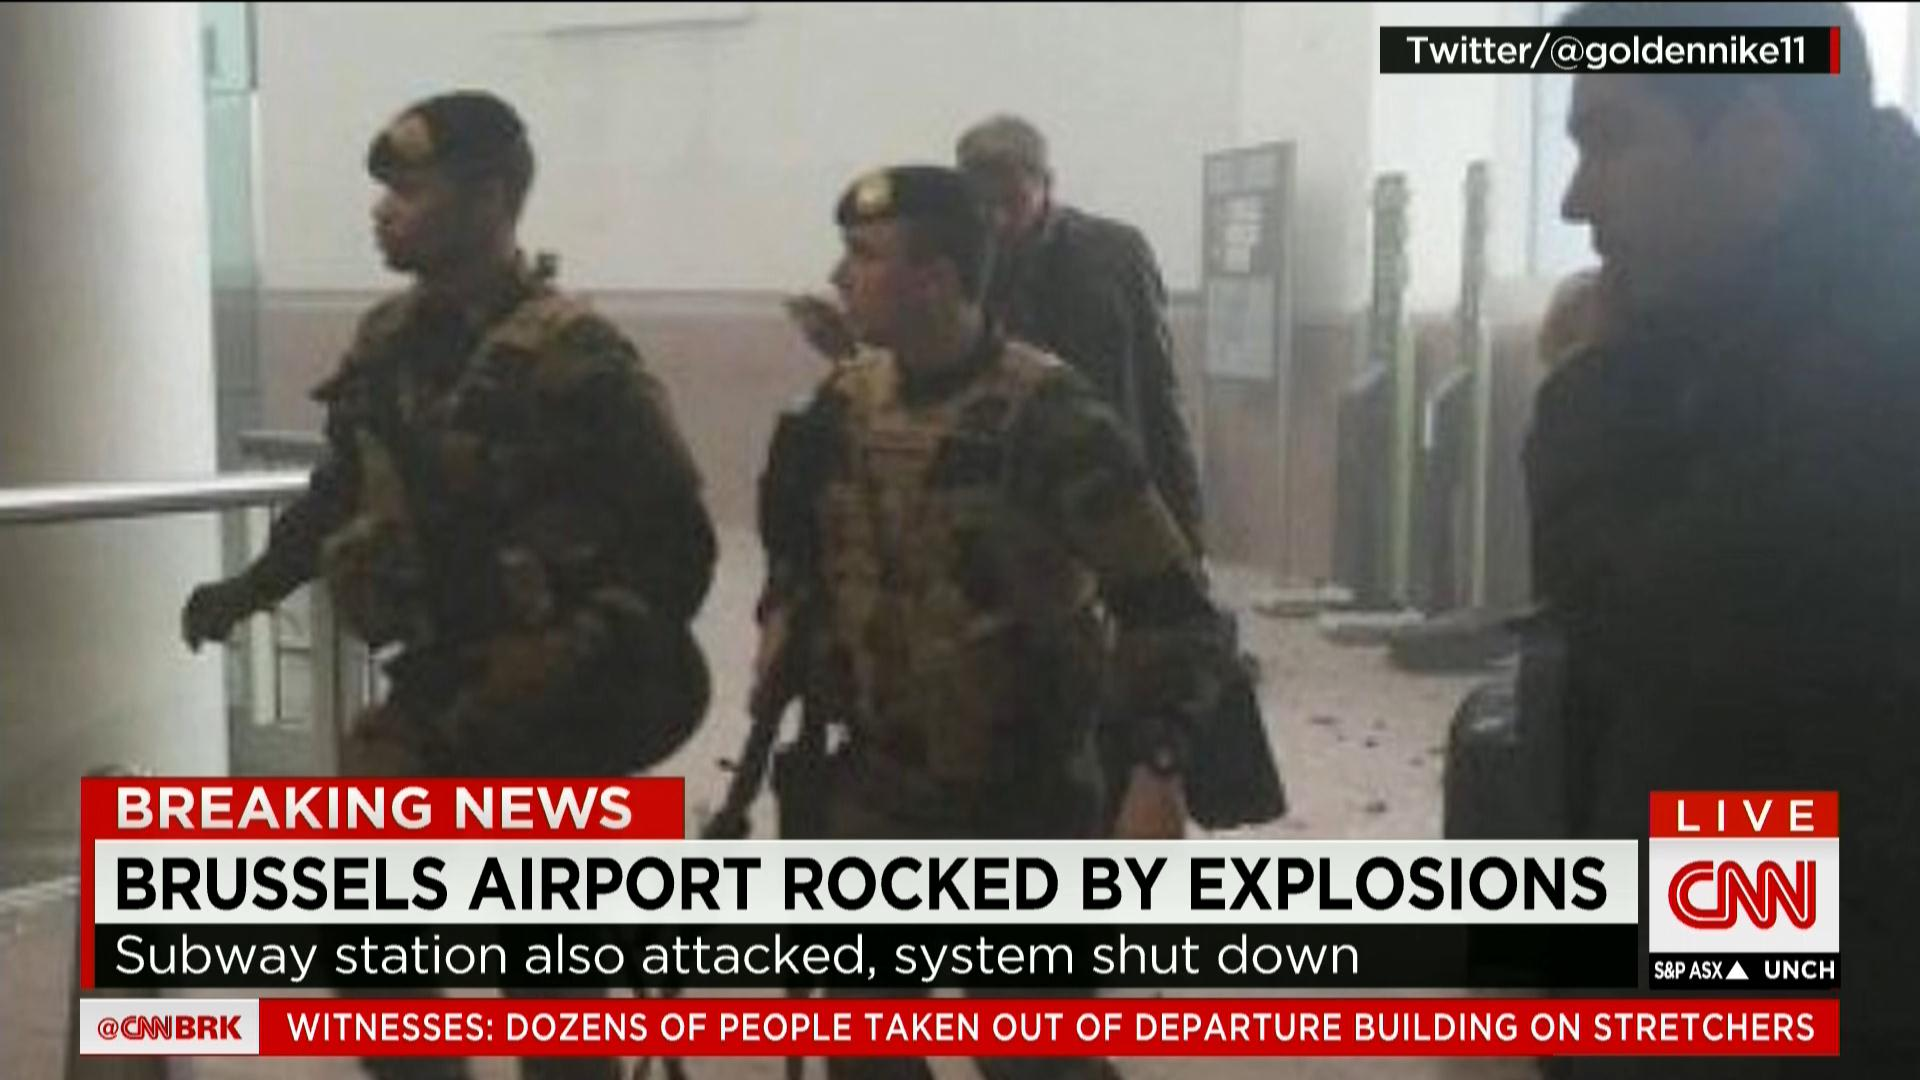 محلل الأمن القومي لـCNN: مفتاح التعرف على مسؤول تفجيرات بروكسل هو نوع المتفجرات ومقارنتها بعمليات القاعدة وداعش